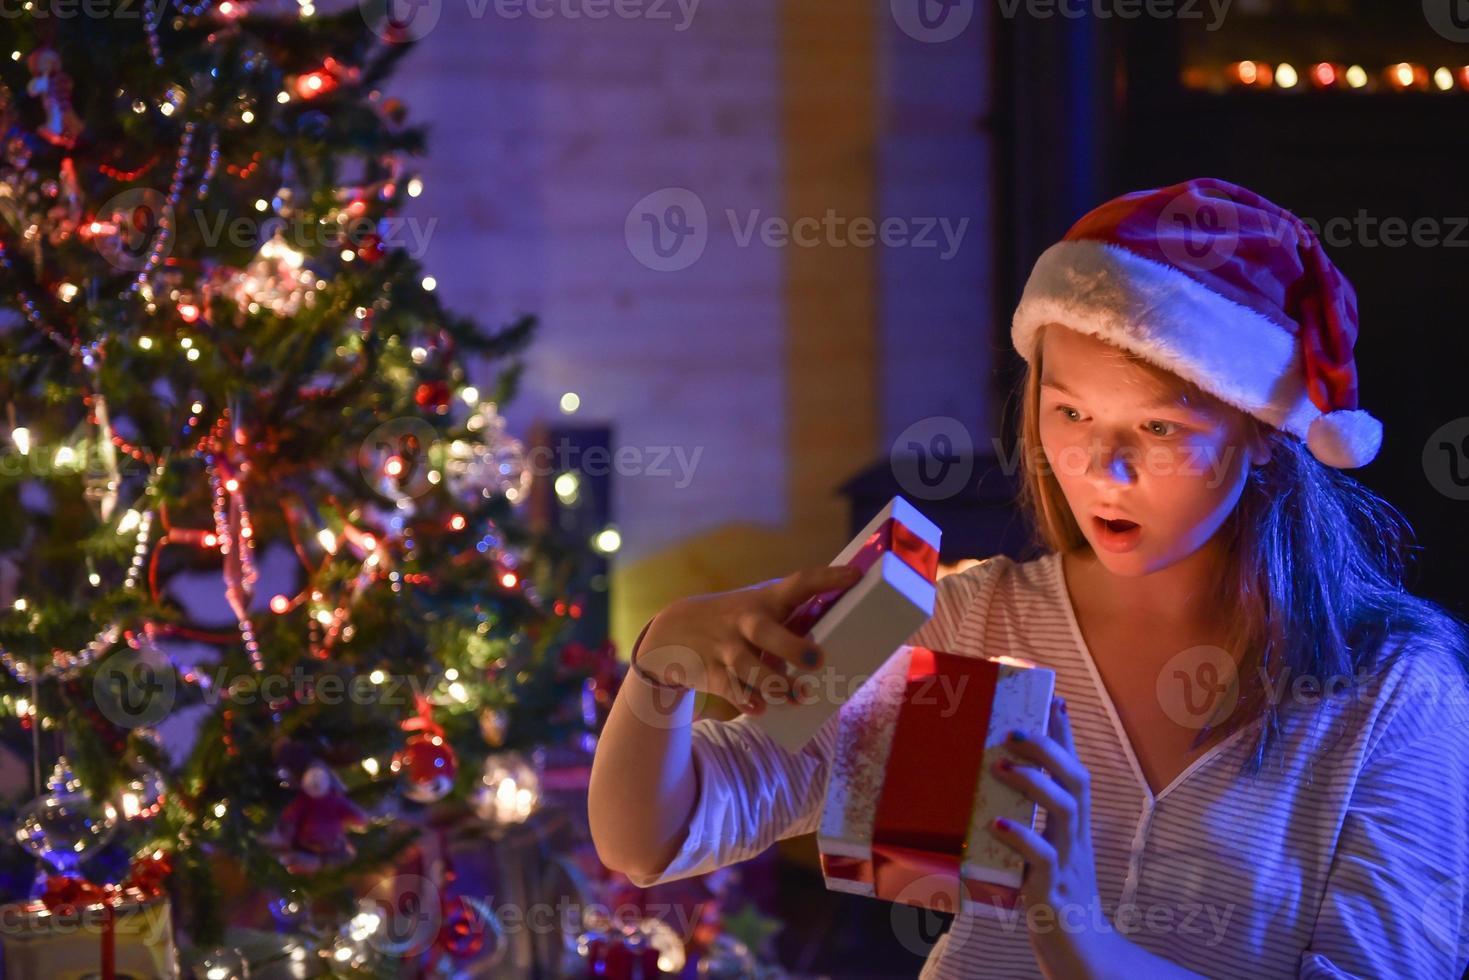 jultid, en uttrycksfull ung flicka som öppnar sin presentförpackning foto